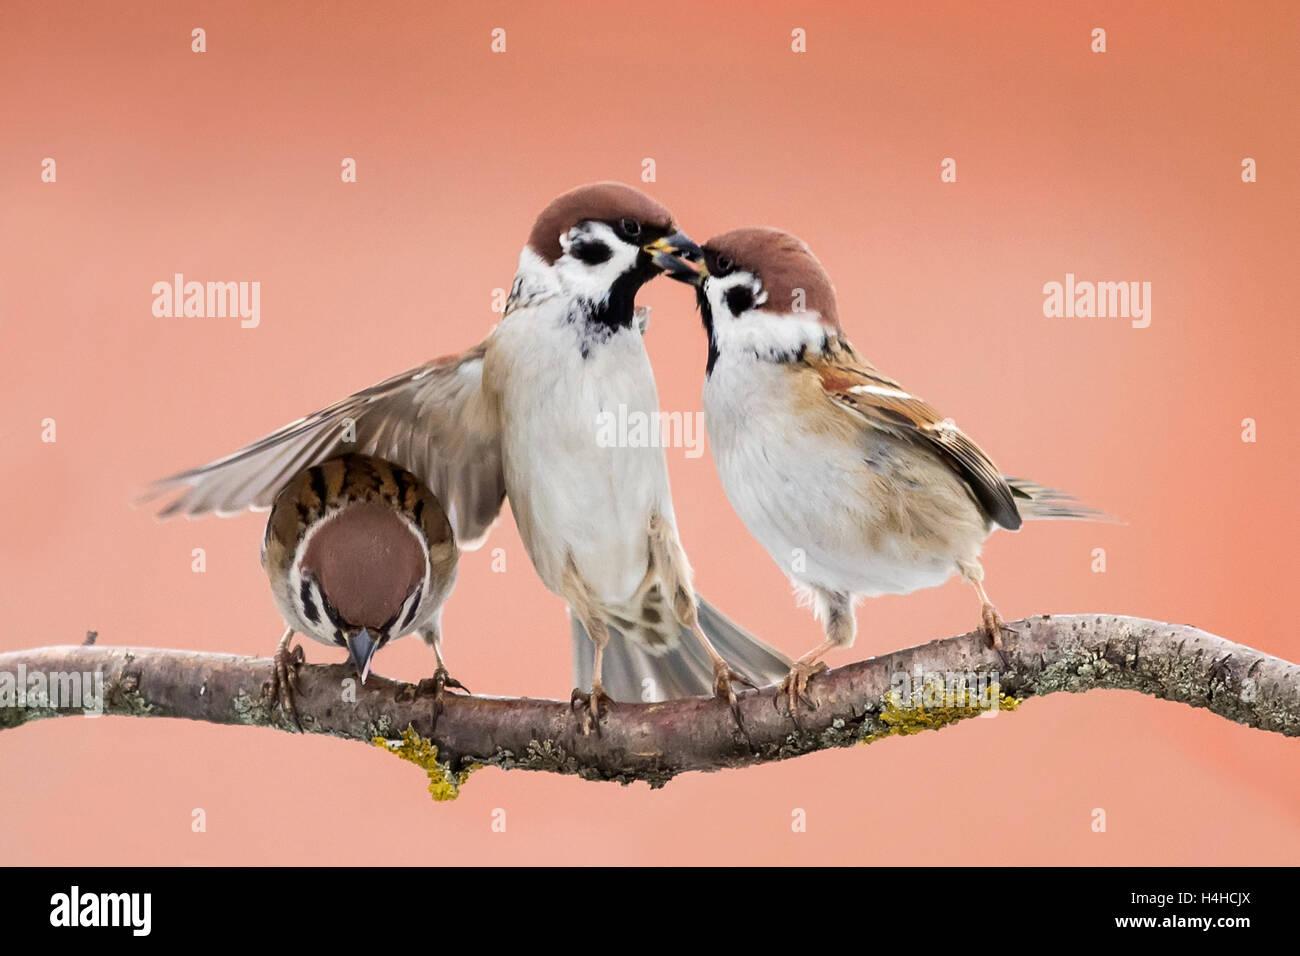 Angry Birds Kämpfen In Den Himmel Frühling Lustige Flügel Zu Spielen